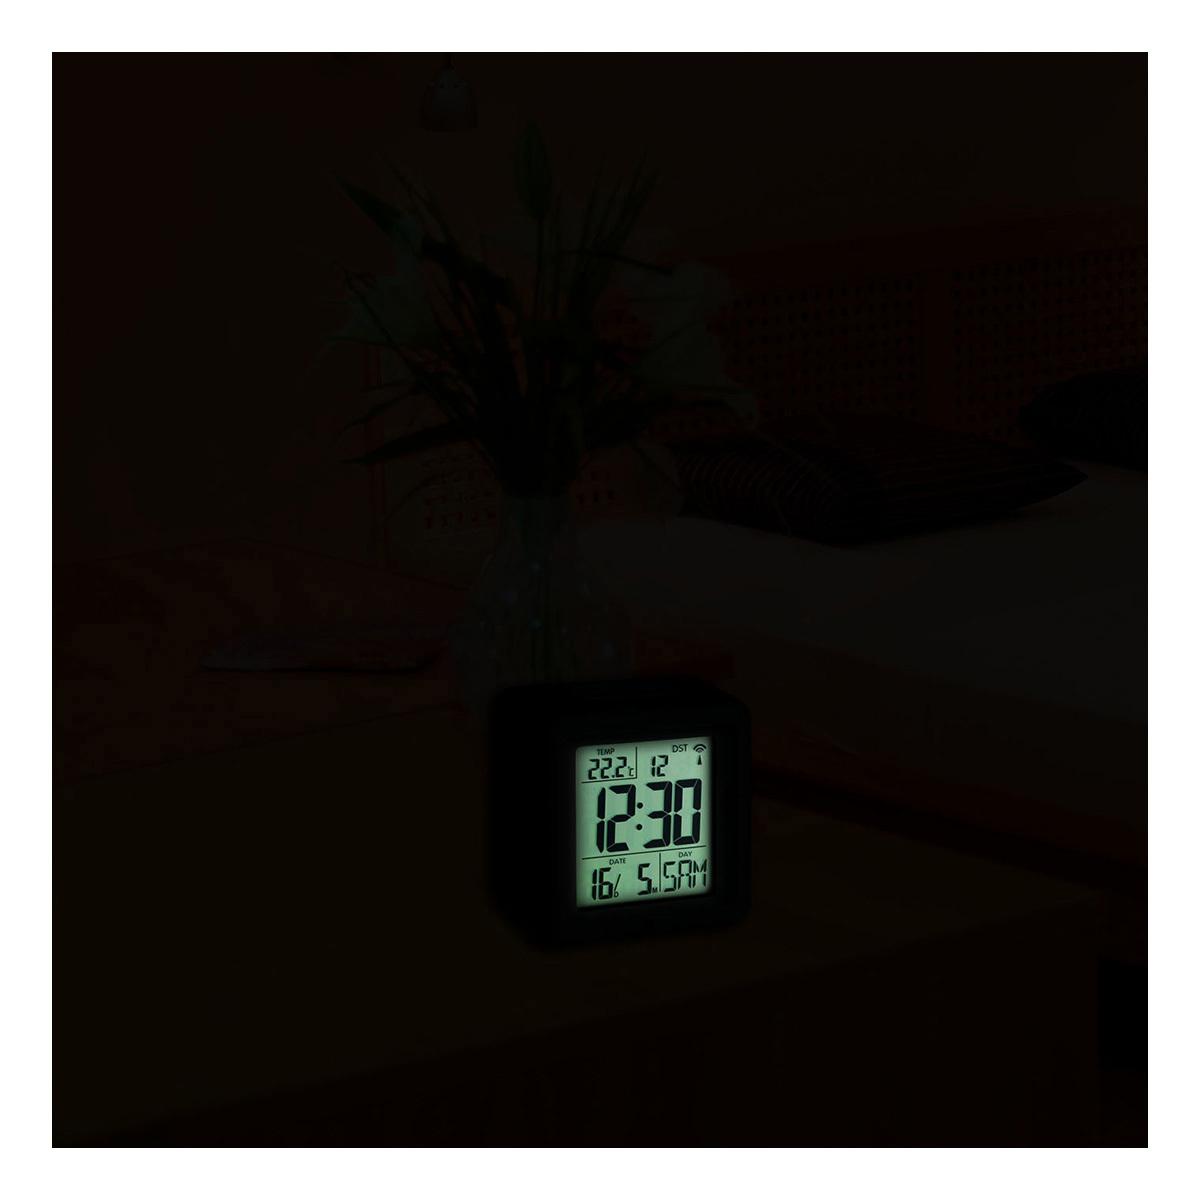 60-2503-digitaler-funk-wecker-mit-temperatur-beleuchtung-1200x1200px.jpg